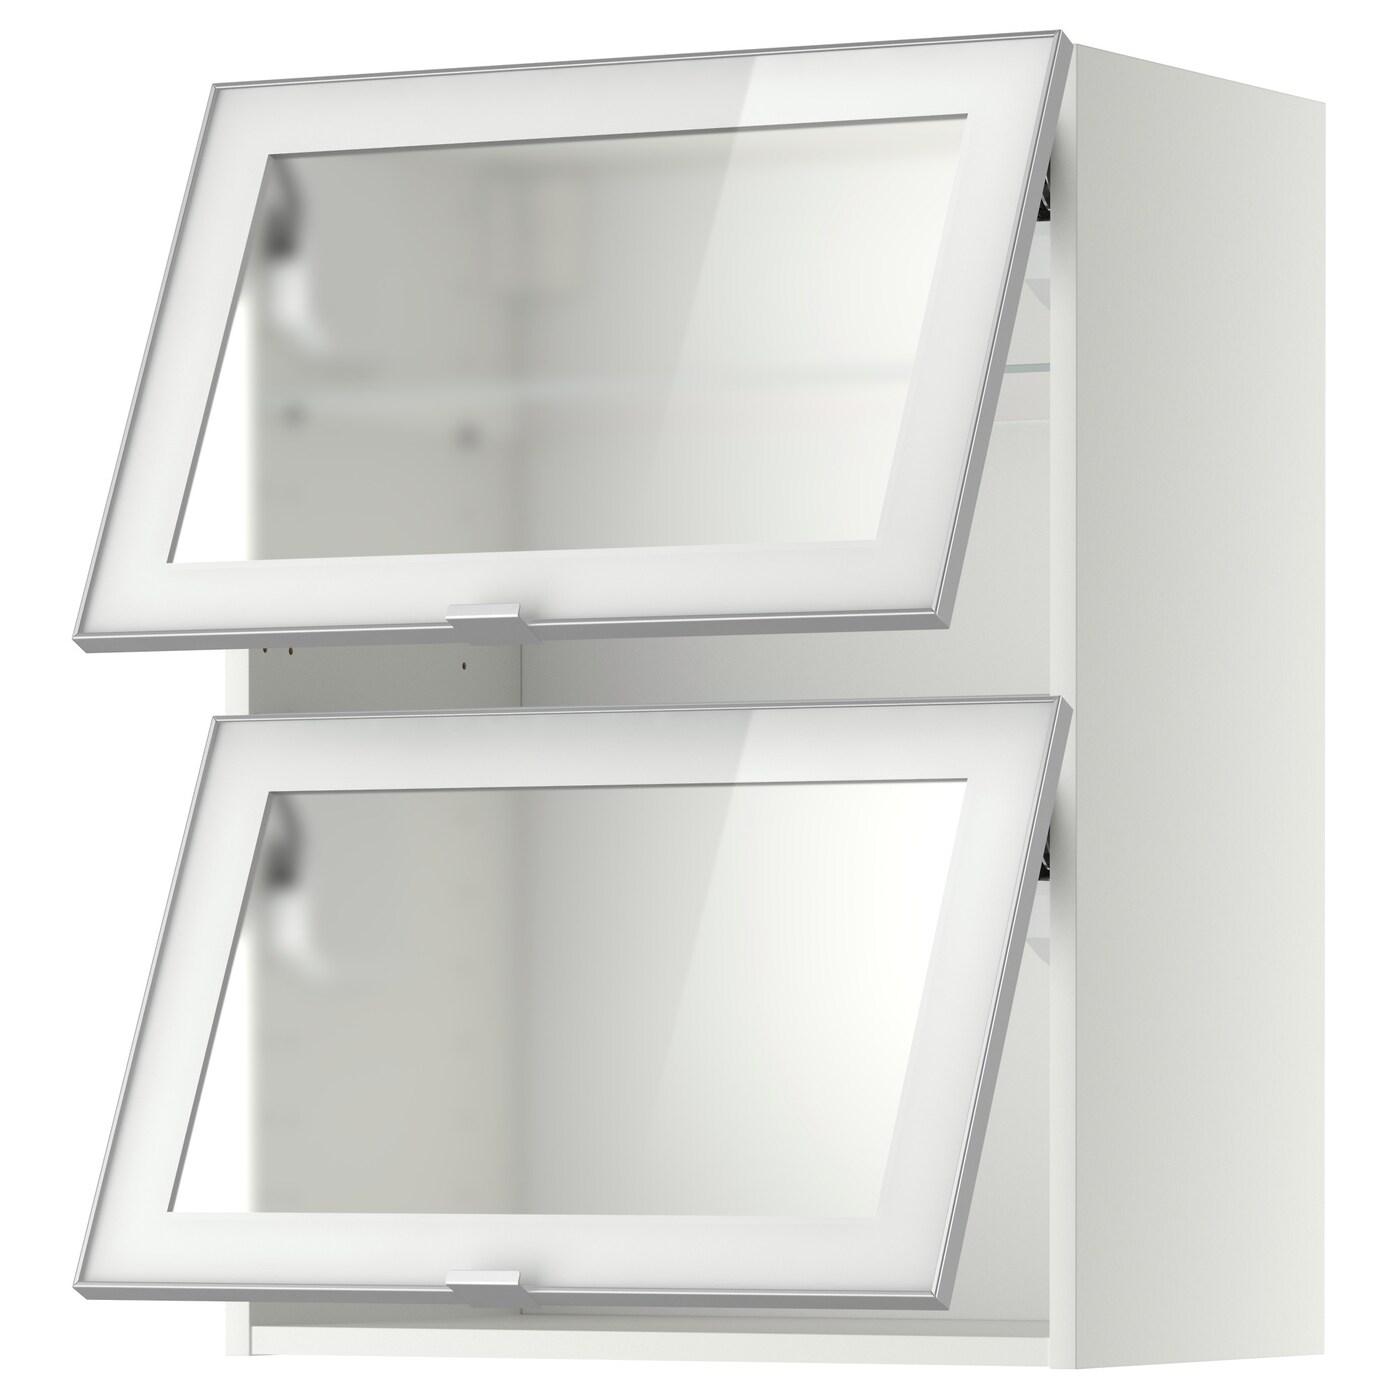 METOD Pensile orizzontale/2 ante a vetro, bianco, Jutis vetro smerigliato